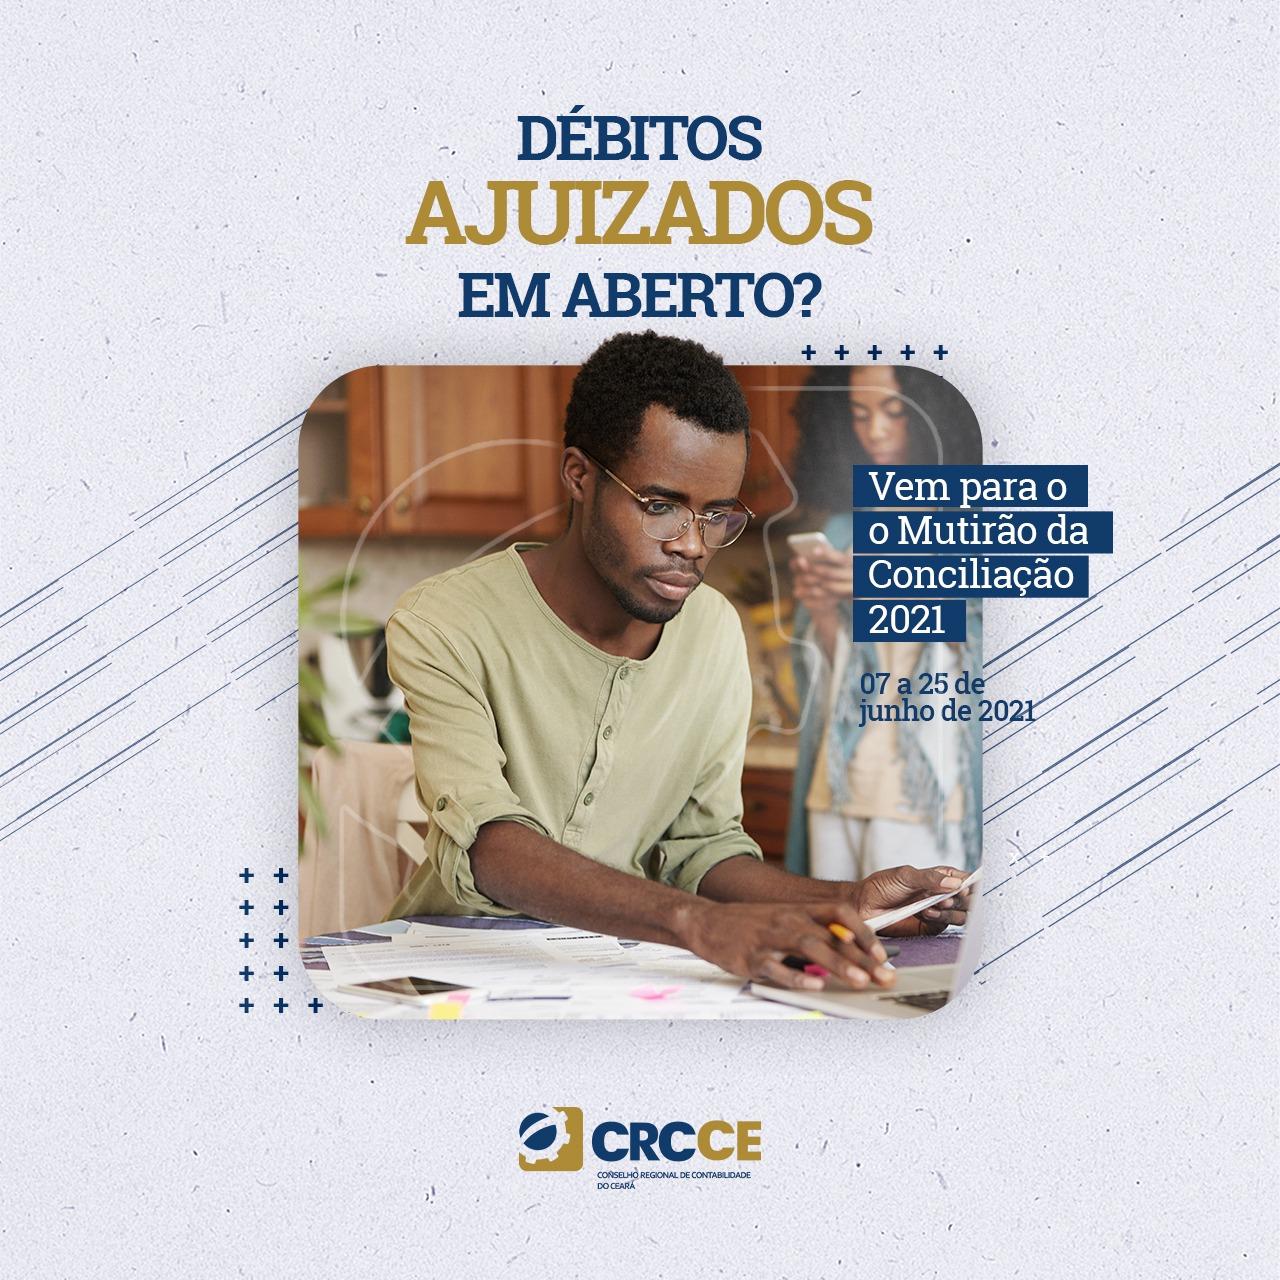 CRCCE inicia Mutirão da Conciliação 2021 nesta segunda-feira